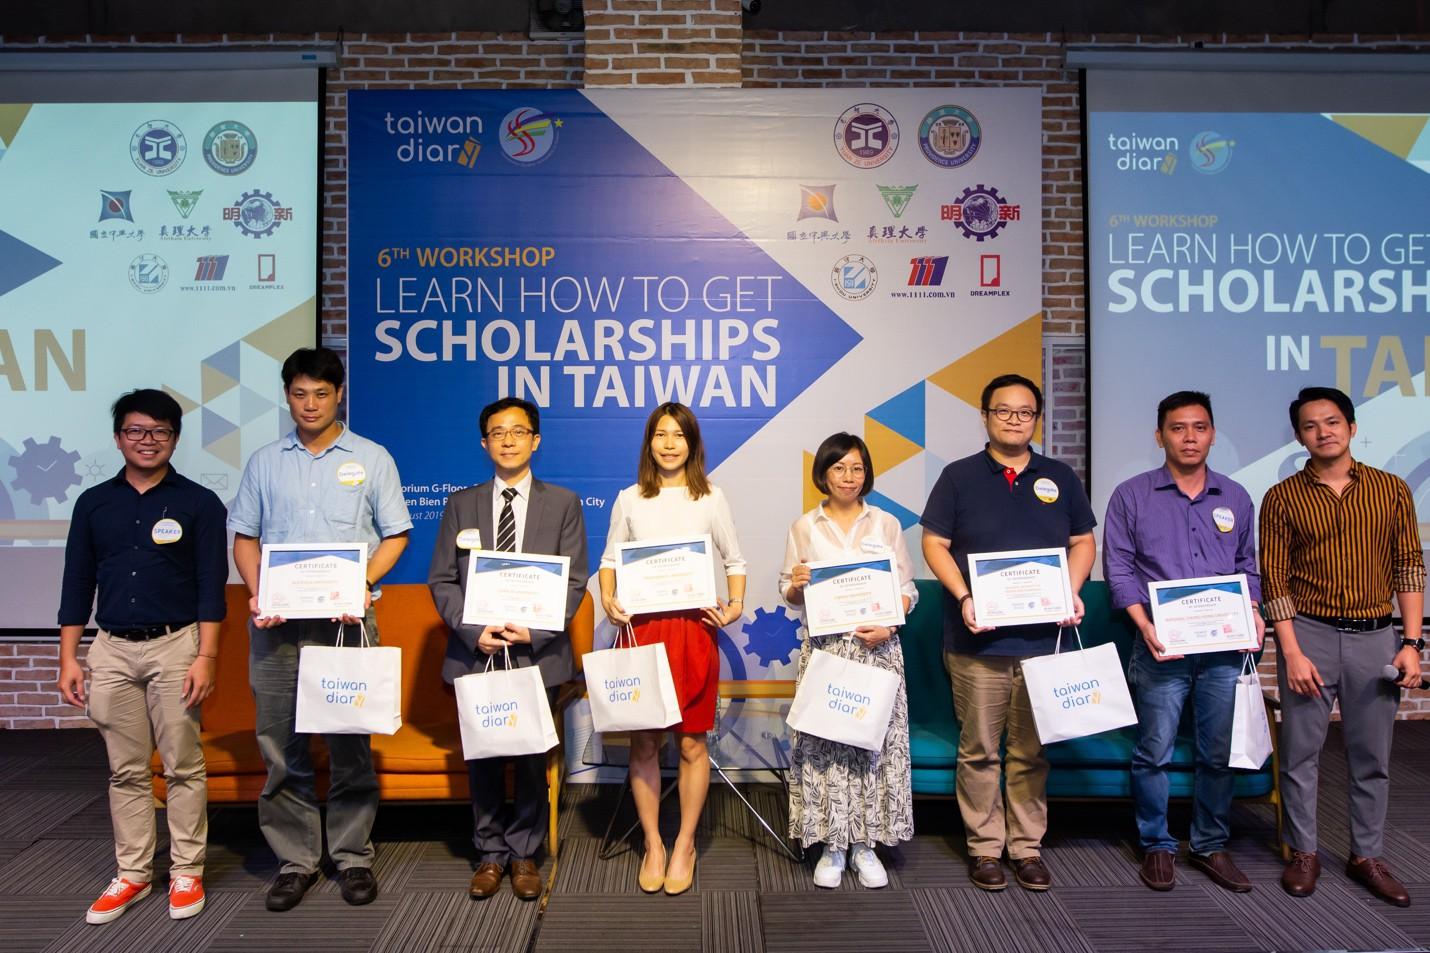 Học bổng du học Đài Loan: Dễ hay khó? - Ảnh 6.